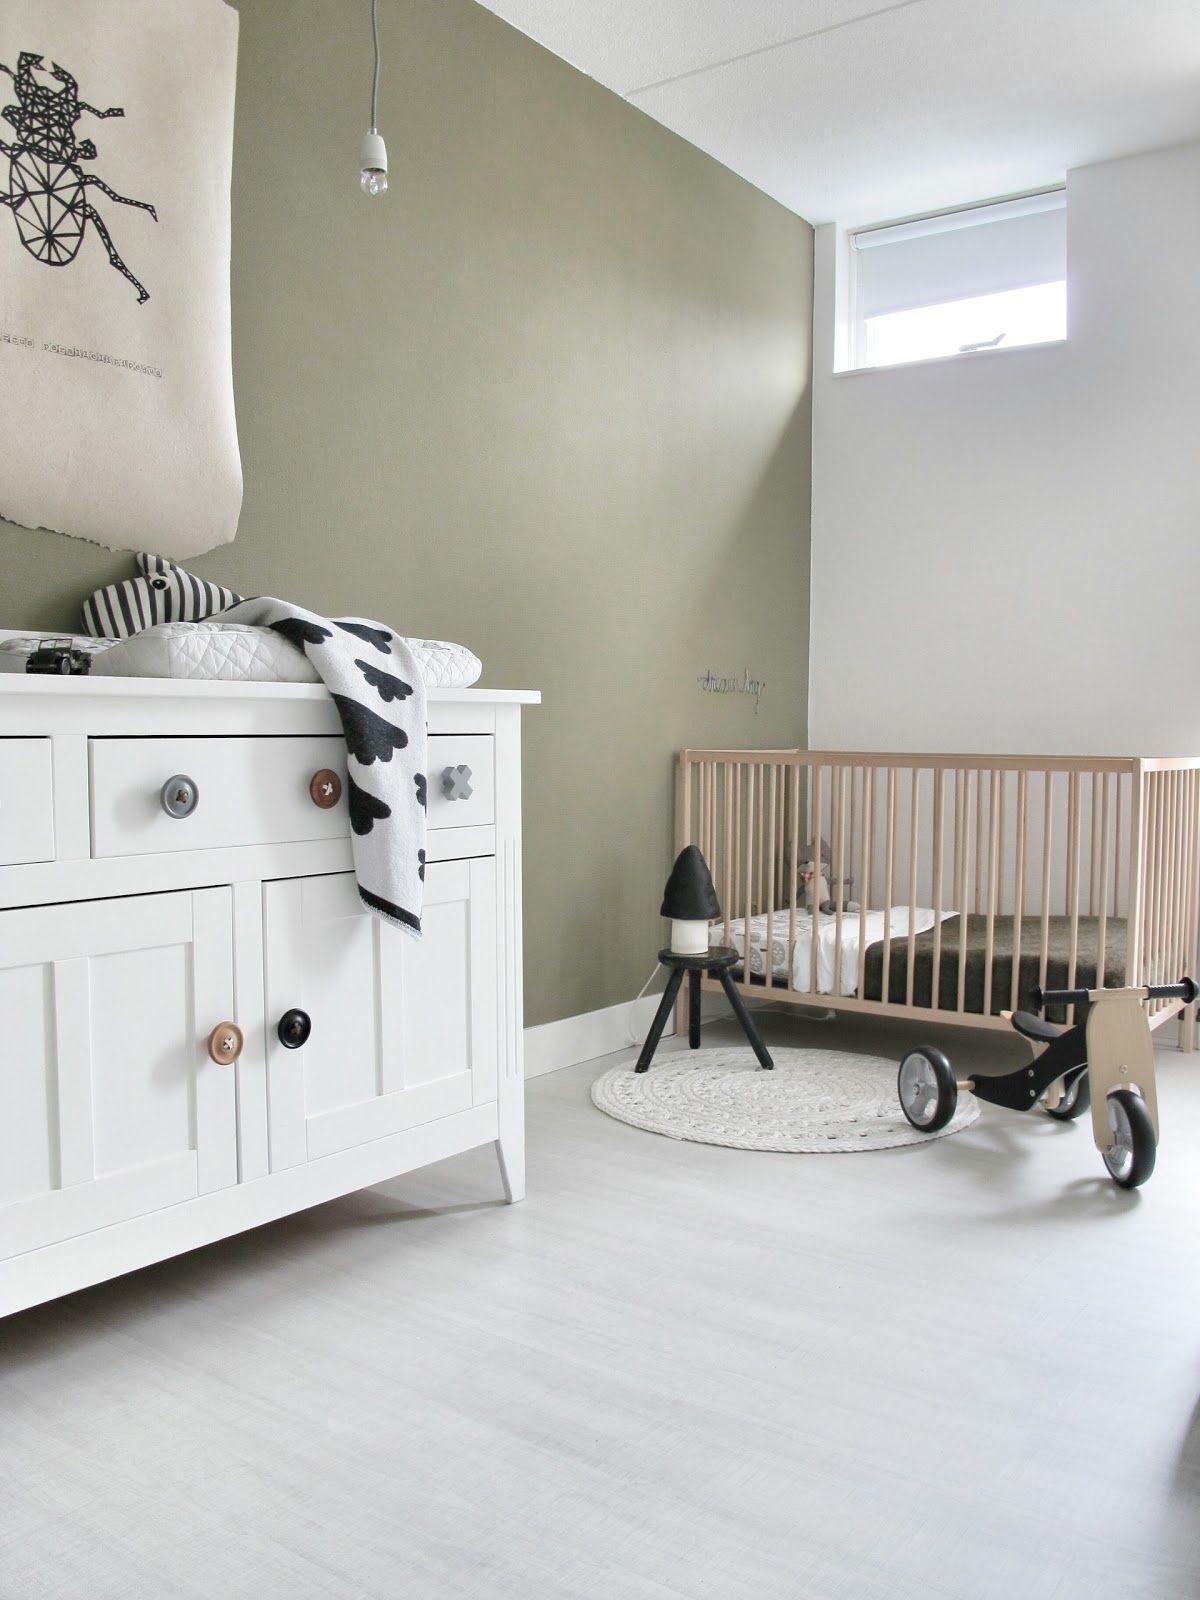 babykamer met stoere kleur op de muur: matte muurverf van histor, Deco ideeën